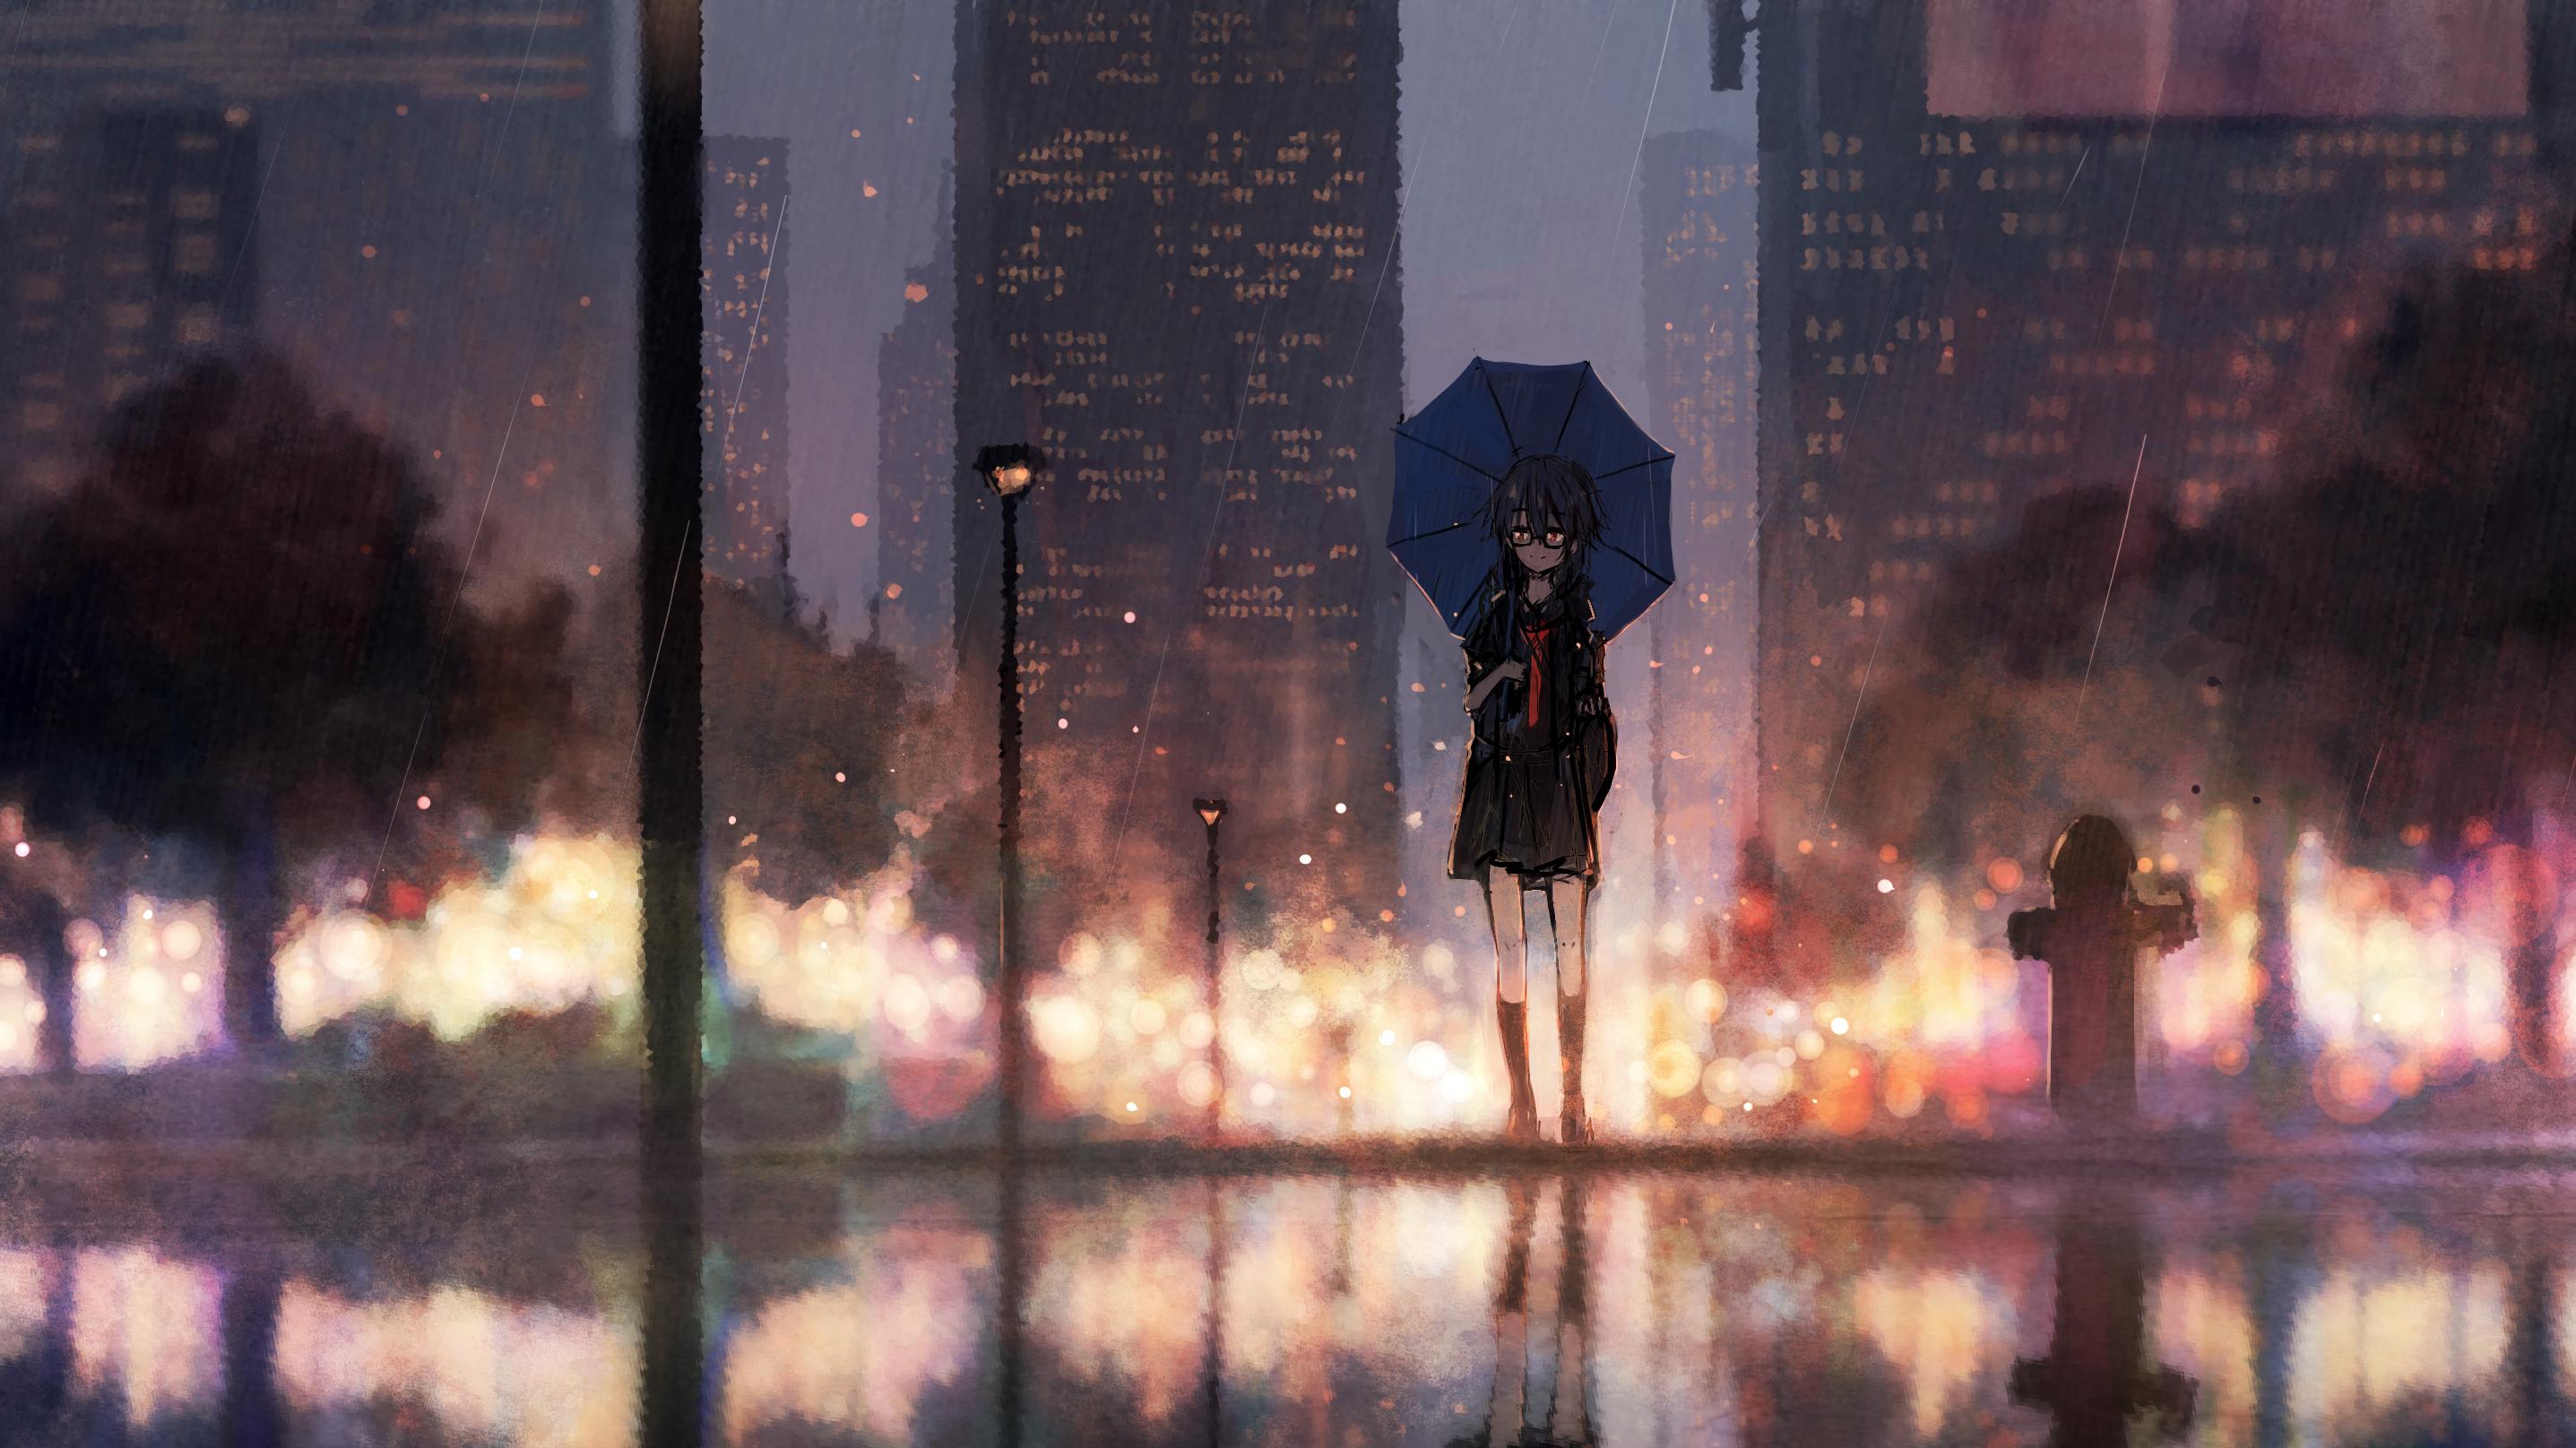 Anime Girl Rain Umbrella Hd Anime 4k Wallpapers Images